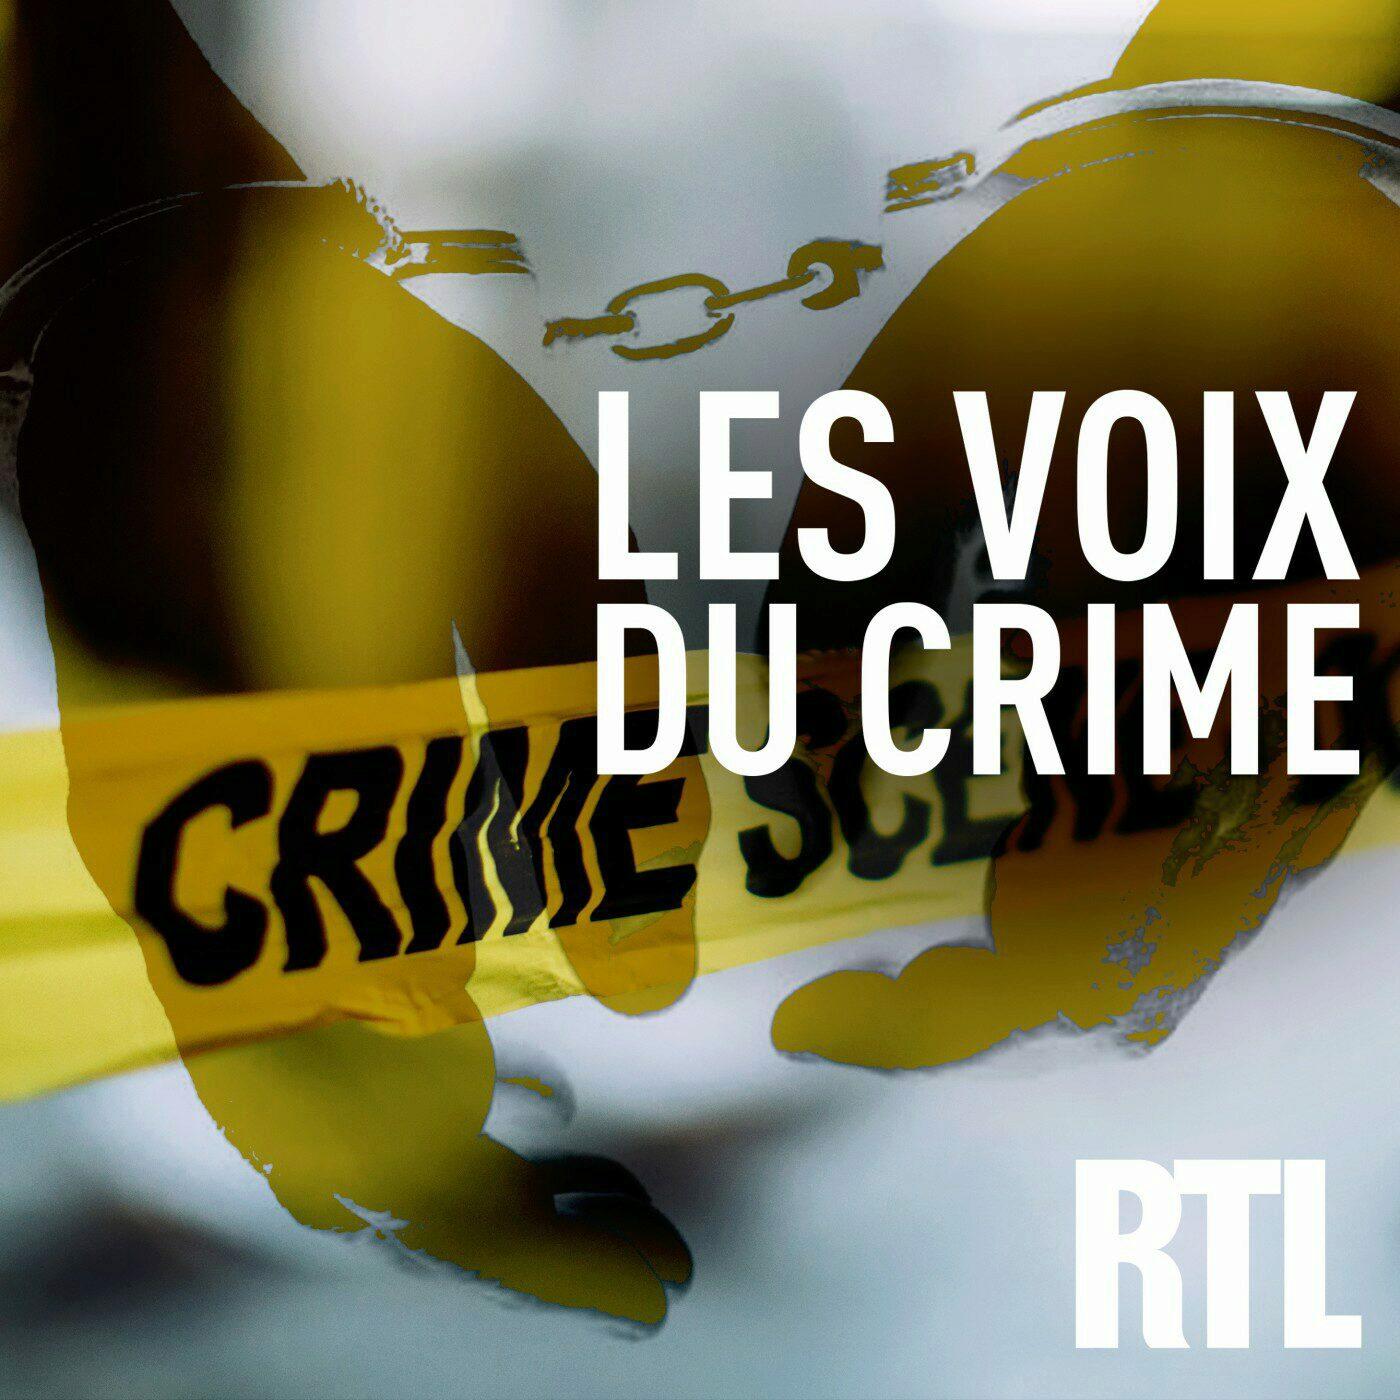 """DÉCOUVERTE - Voix du crime - Affaire d'Outreau : la justice a-t-elle été rendue """"sereinement"""" ?"""